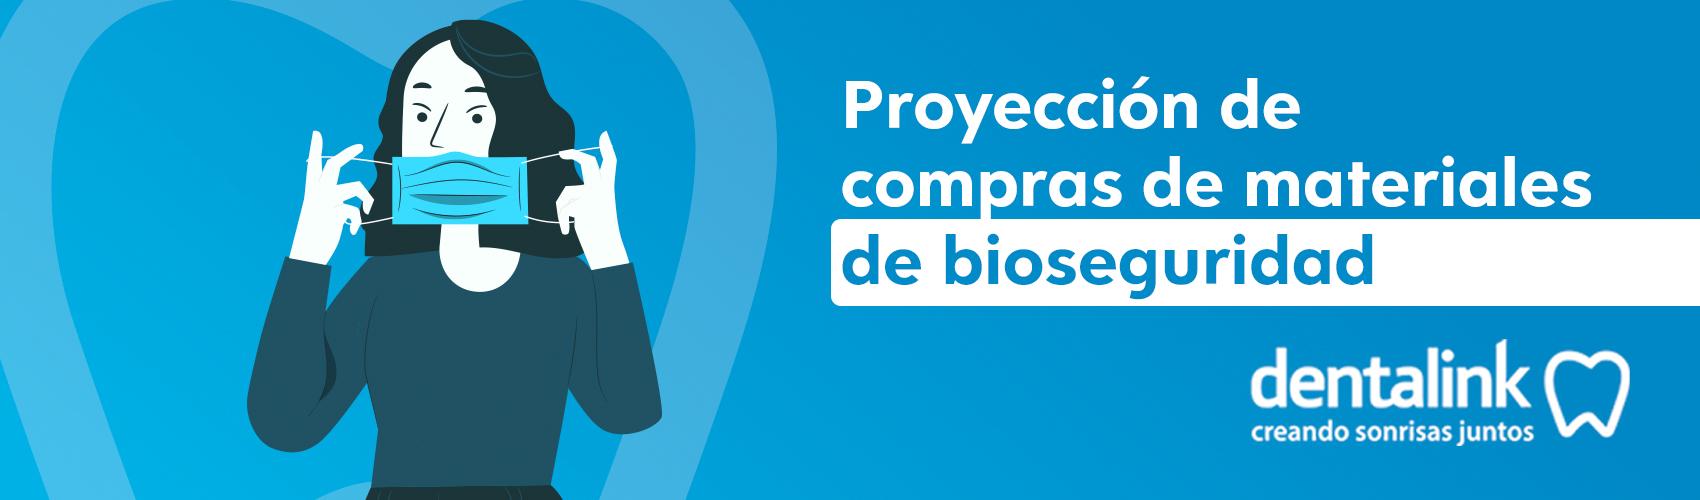 Consejos para las compras de materiales en bioseguridad en tu consulta dental